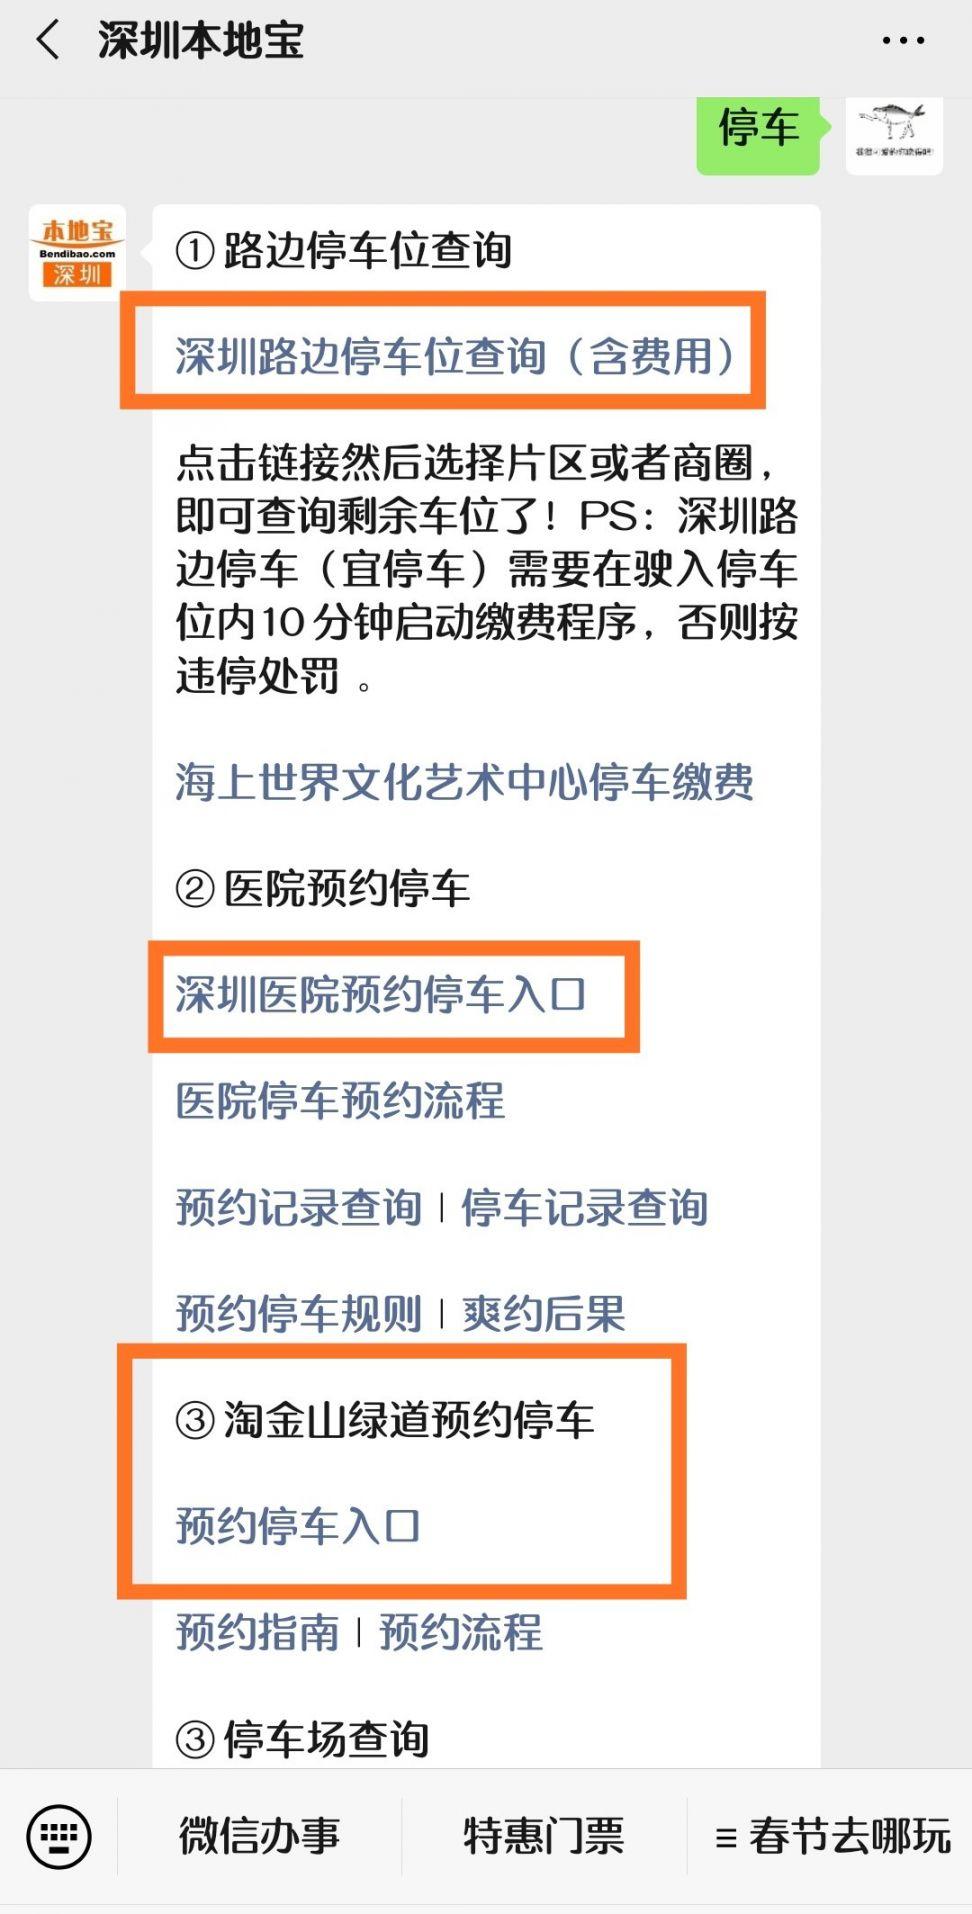 深圳疫情期间道路临时停车区(更新中)